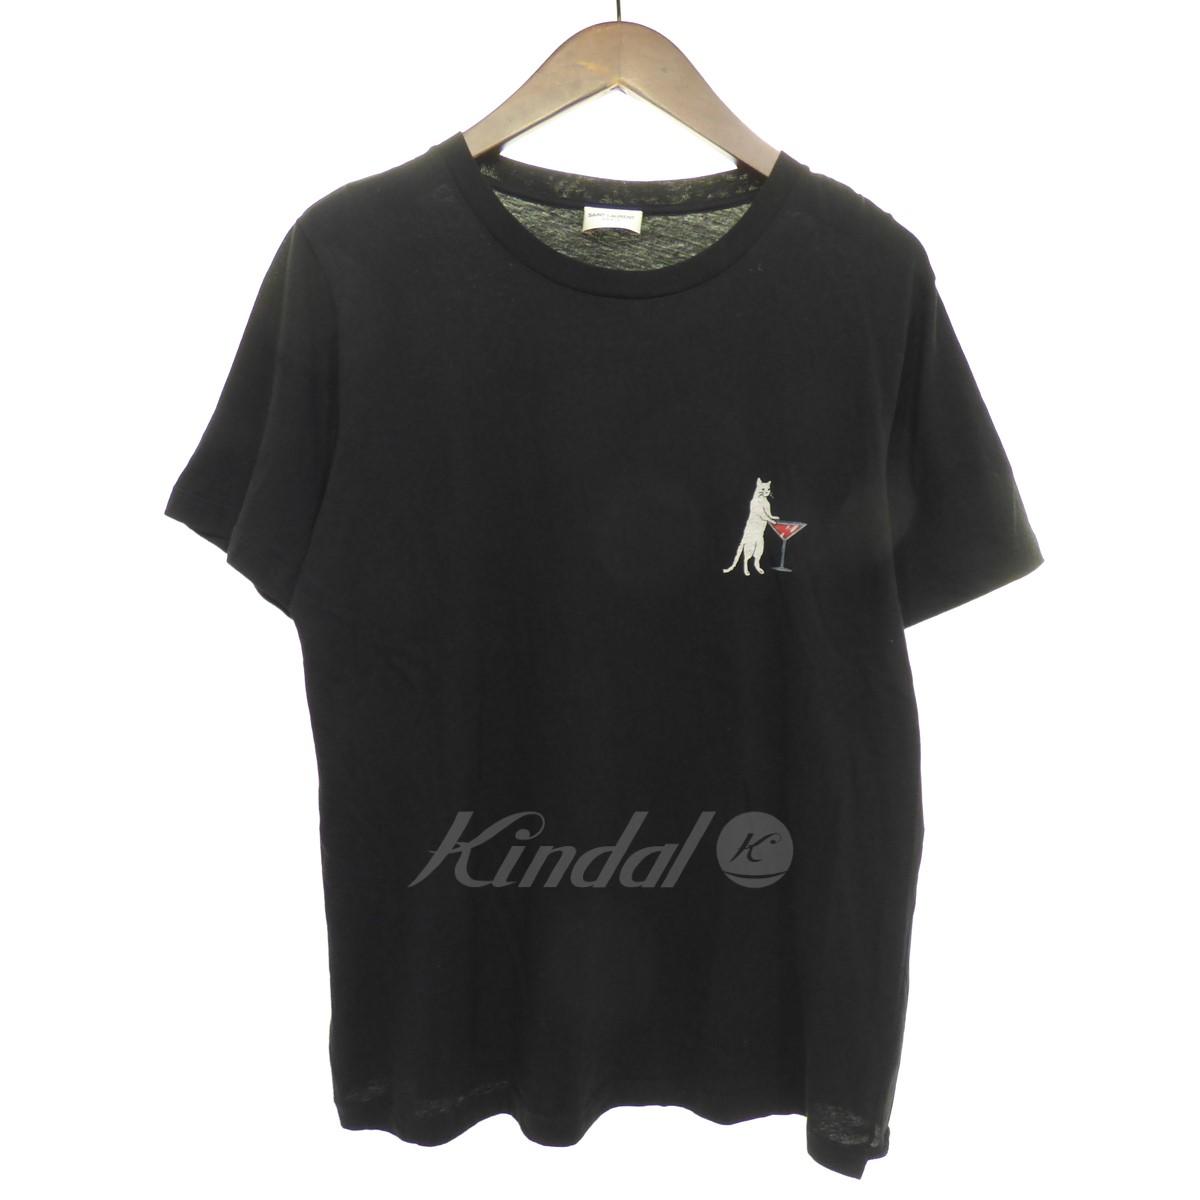 【中古】SAINT LAURENT PARIS CAT&COCKTAIL Tee 半袖Tシャツ 【送料無料】 【129163】 【KIND1641】